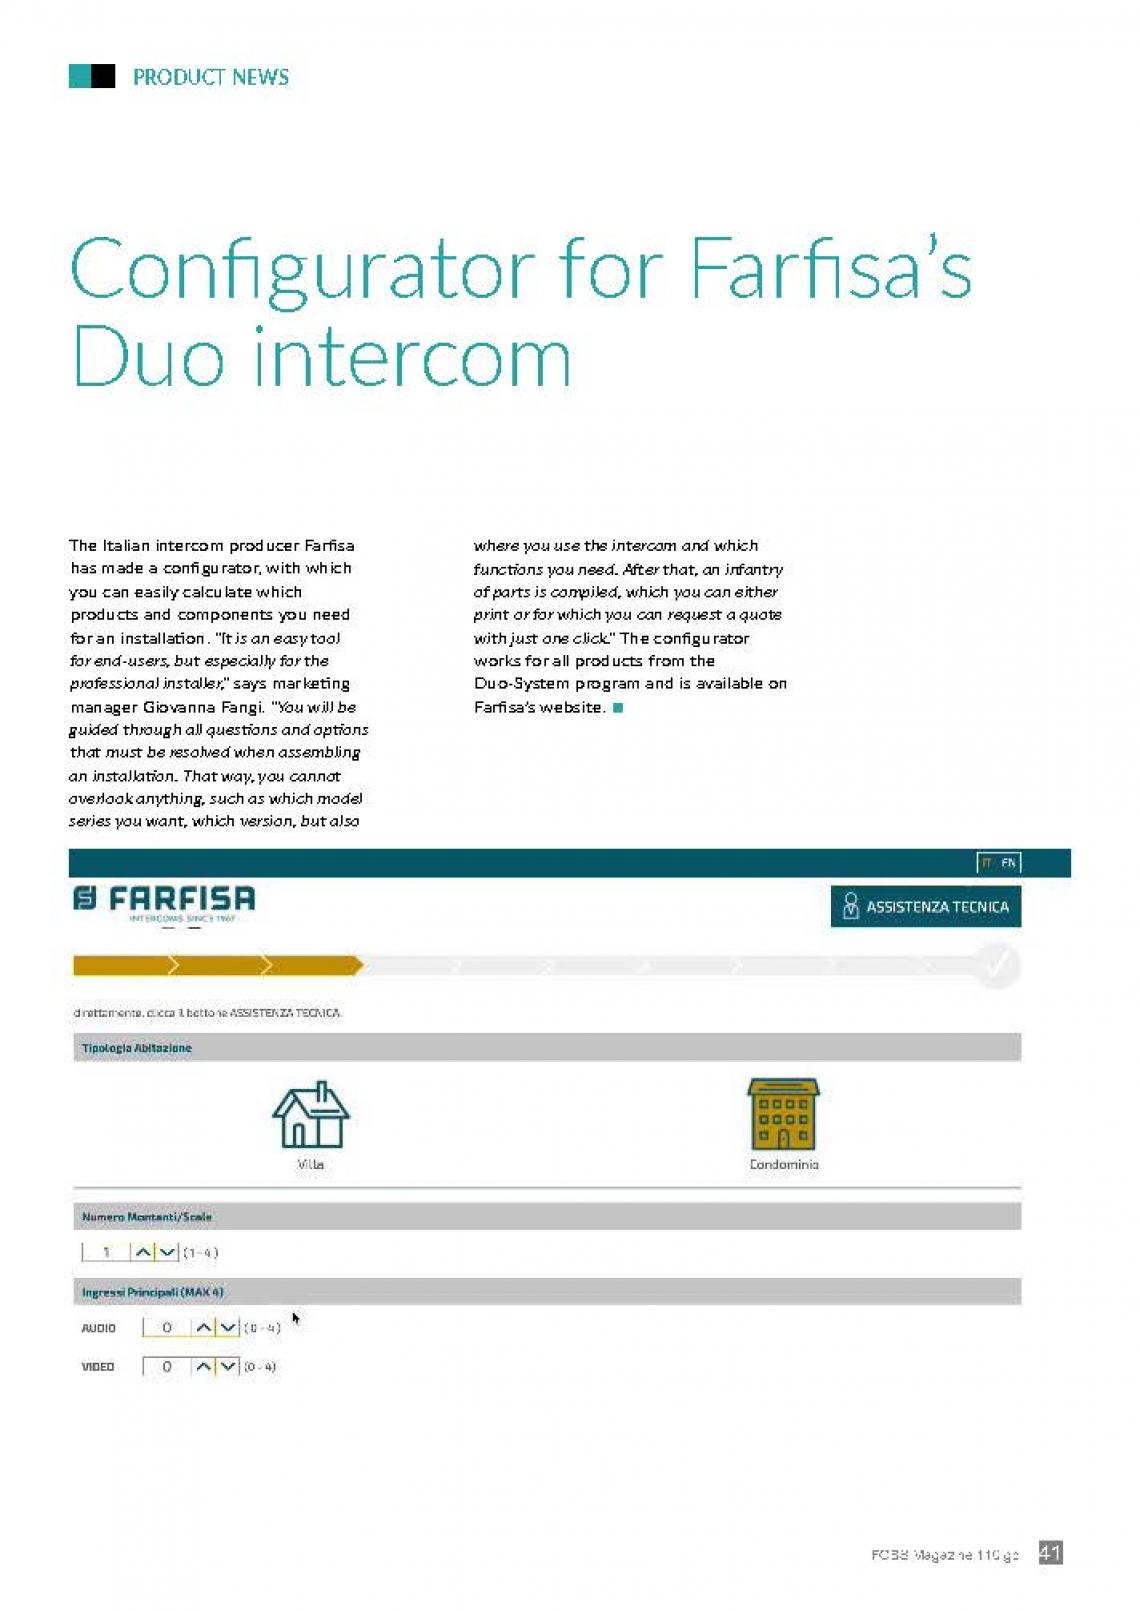 Un configurateur pour la vidèophonie DUO de Farfisa